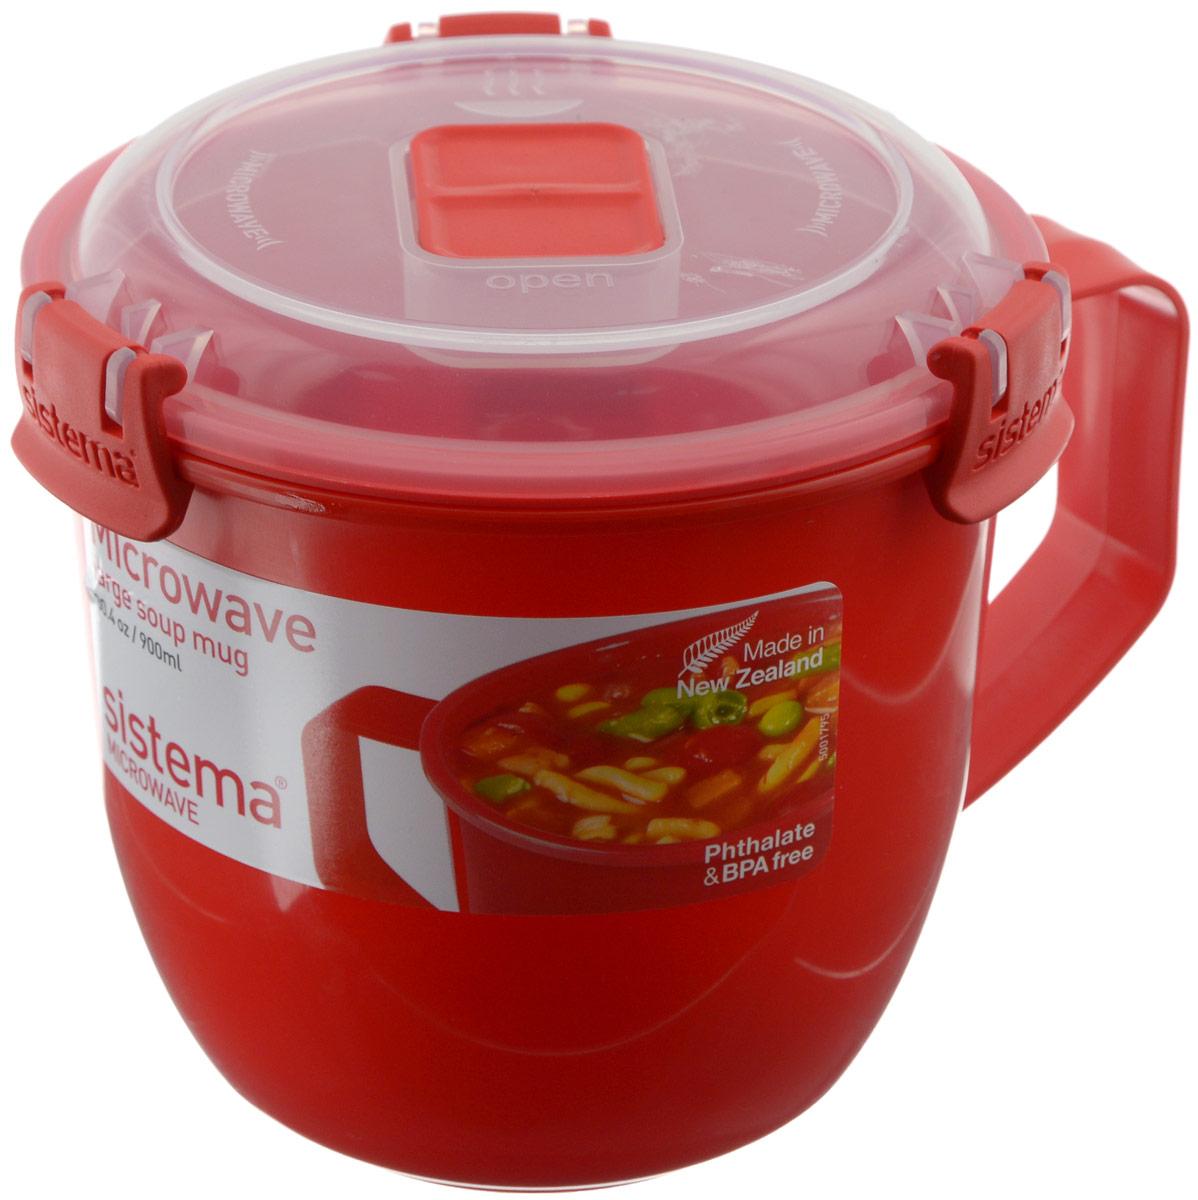 Кружка суповая Sistema Microwave, цвет: красный, 900 мл1141Кружка суповая Sistema Microwave создана для людей ведущих активный образ жизни. Кружка, с надежной защитой от протечек, позволит взять с собой горячий суп на пикник, в офис или в поездку. На крышке имеется прорезиненный обод, который способствует более герметичному закрыванию. Контейнер оснащен фиксирующимися зажимами – клипсами, которые при необходимости можно будет заменить. Можно мыть в посудомоечной машине. Объем кружки: 900 мл.